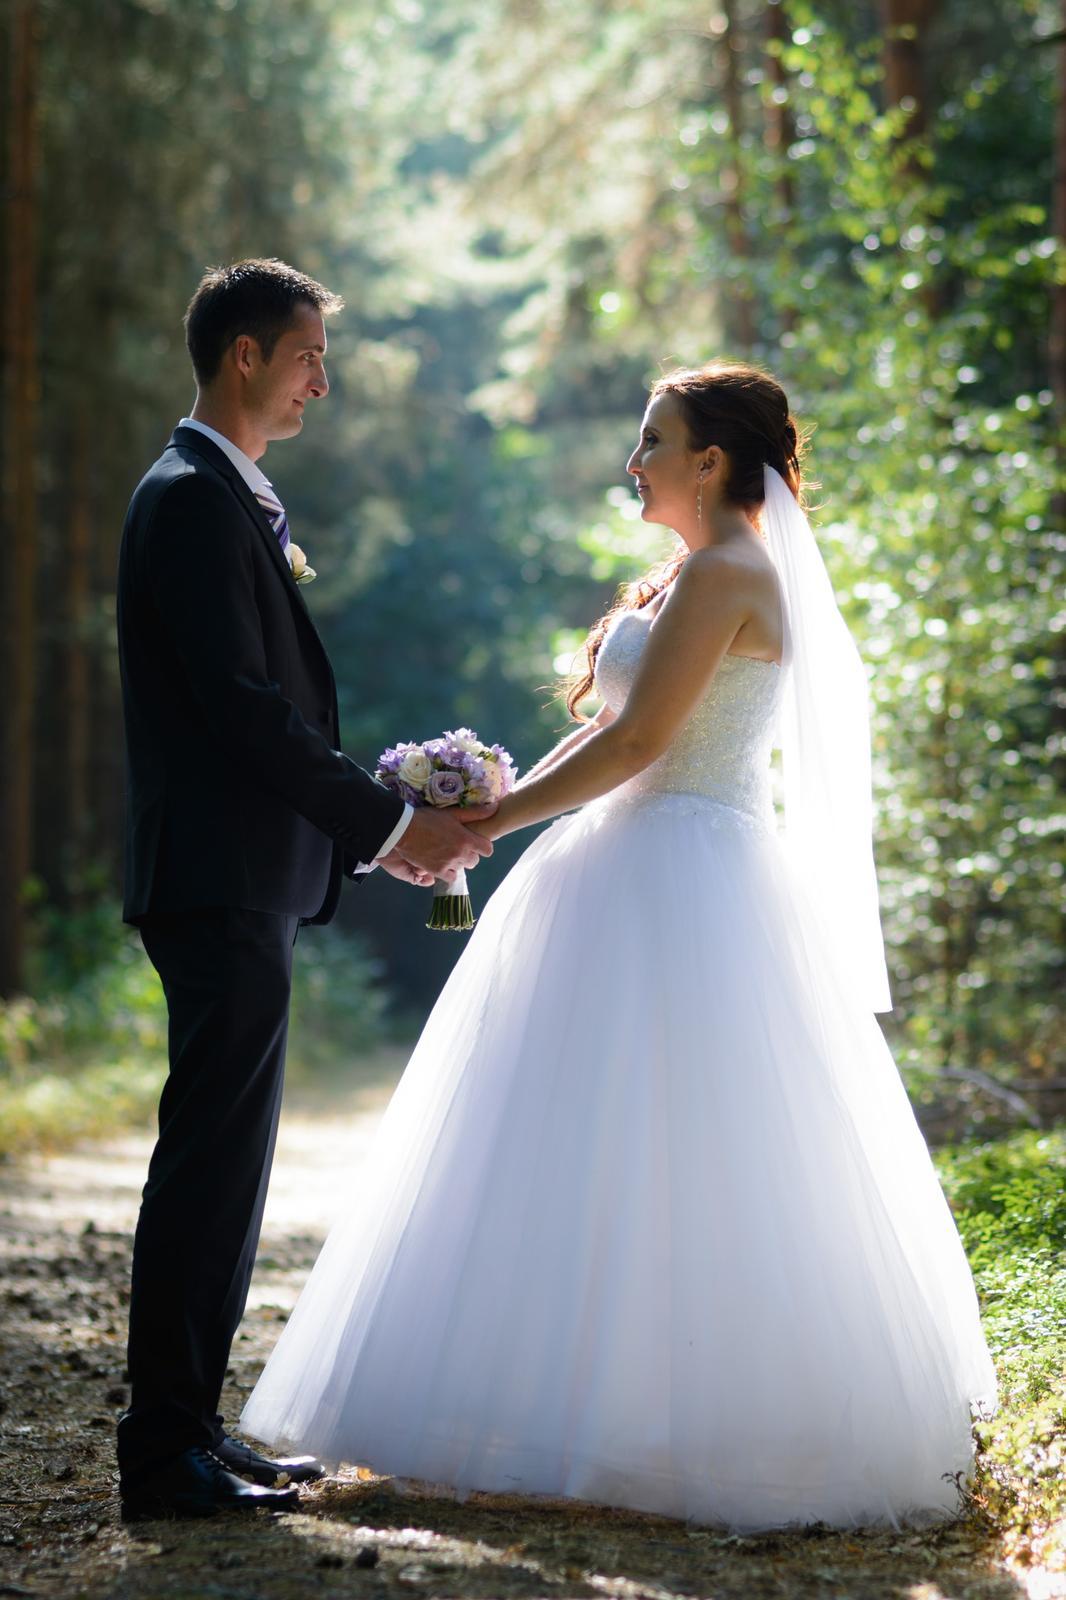 Svatební fotograf Karel Královec - kralovecphoto - Obrázek č. 54